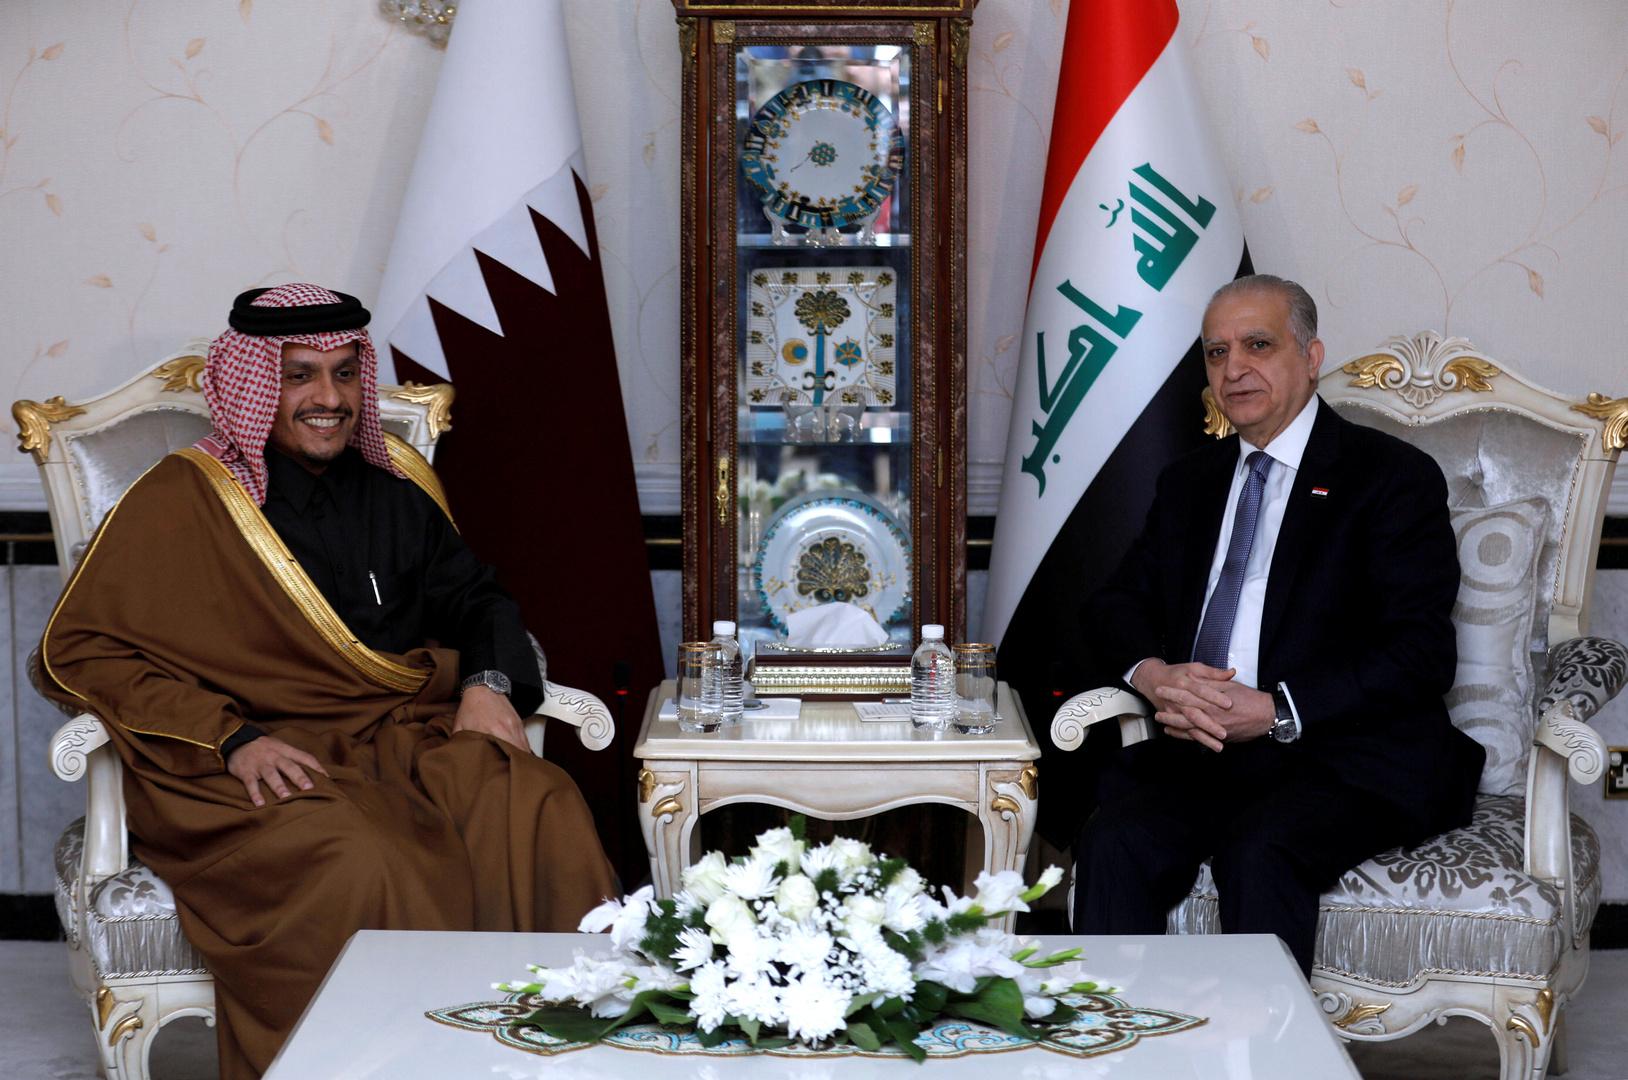 وزير الخارجية العراقي لنظيره القطري: نرفض تحول أراضينا إلى ساحة للصراع